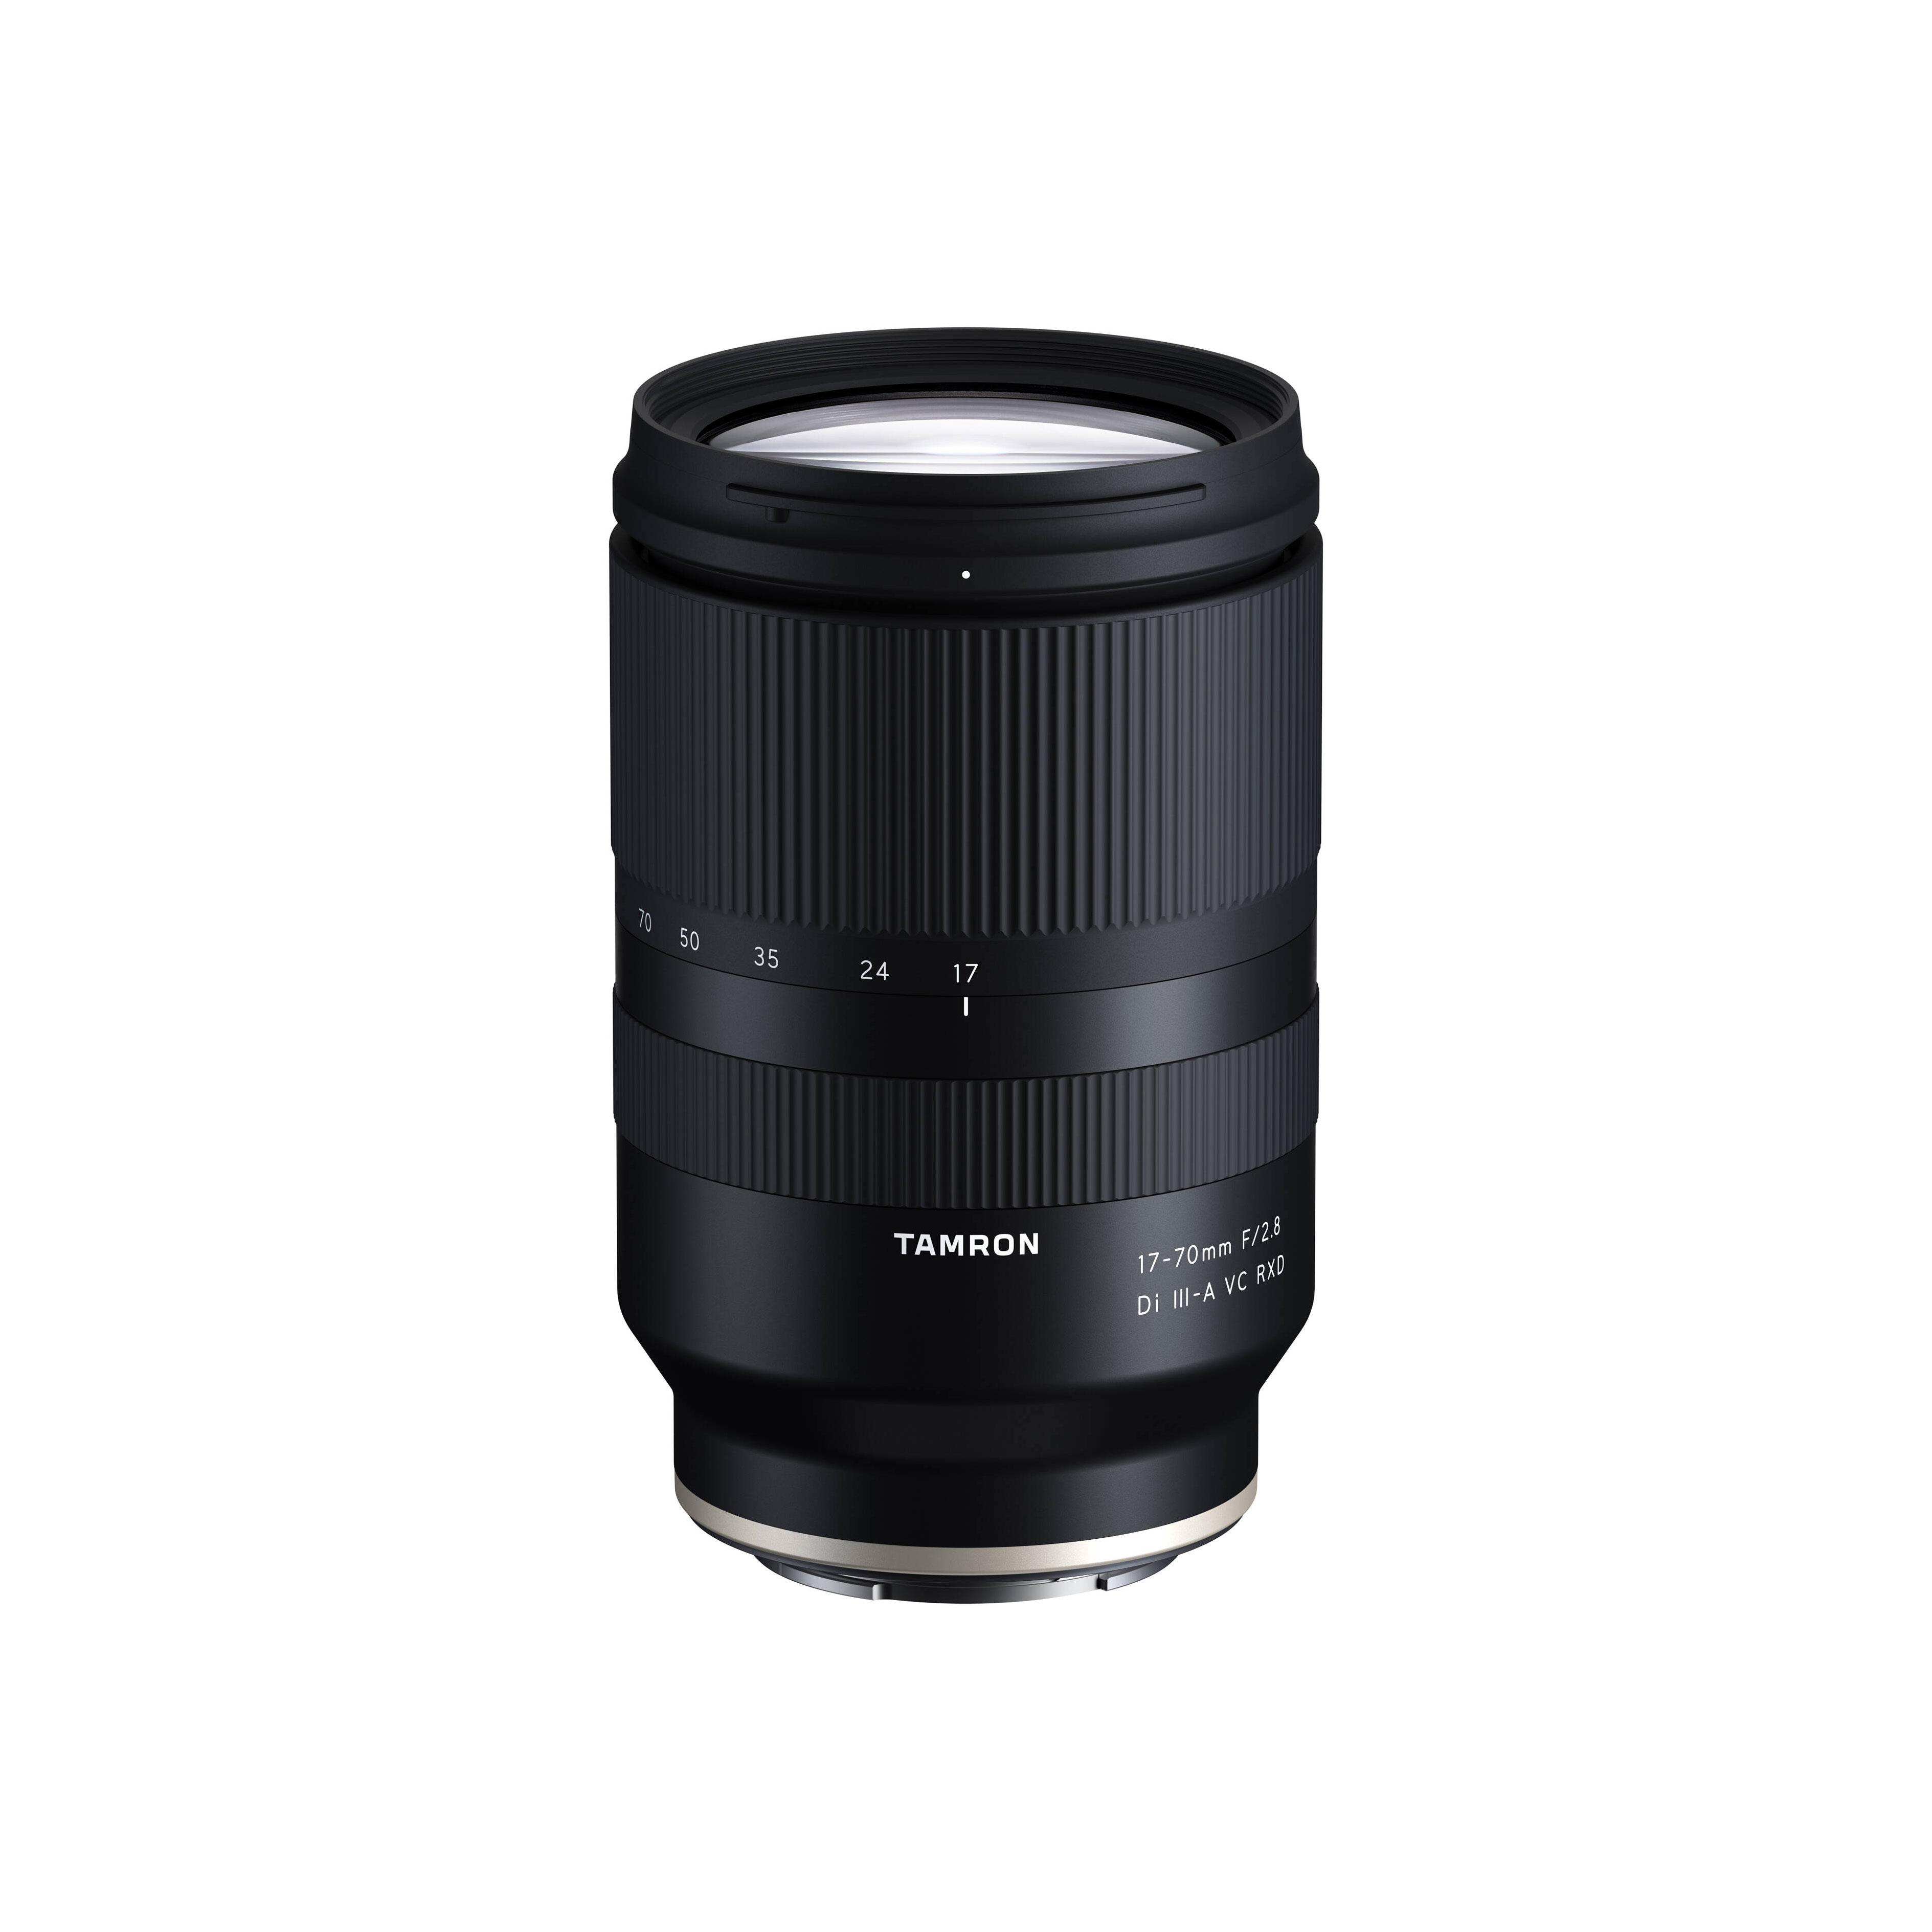 لنز تامرون Tamron 17-70mm f/2.8 Di III-A VC RXD for Sony E